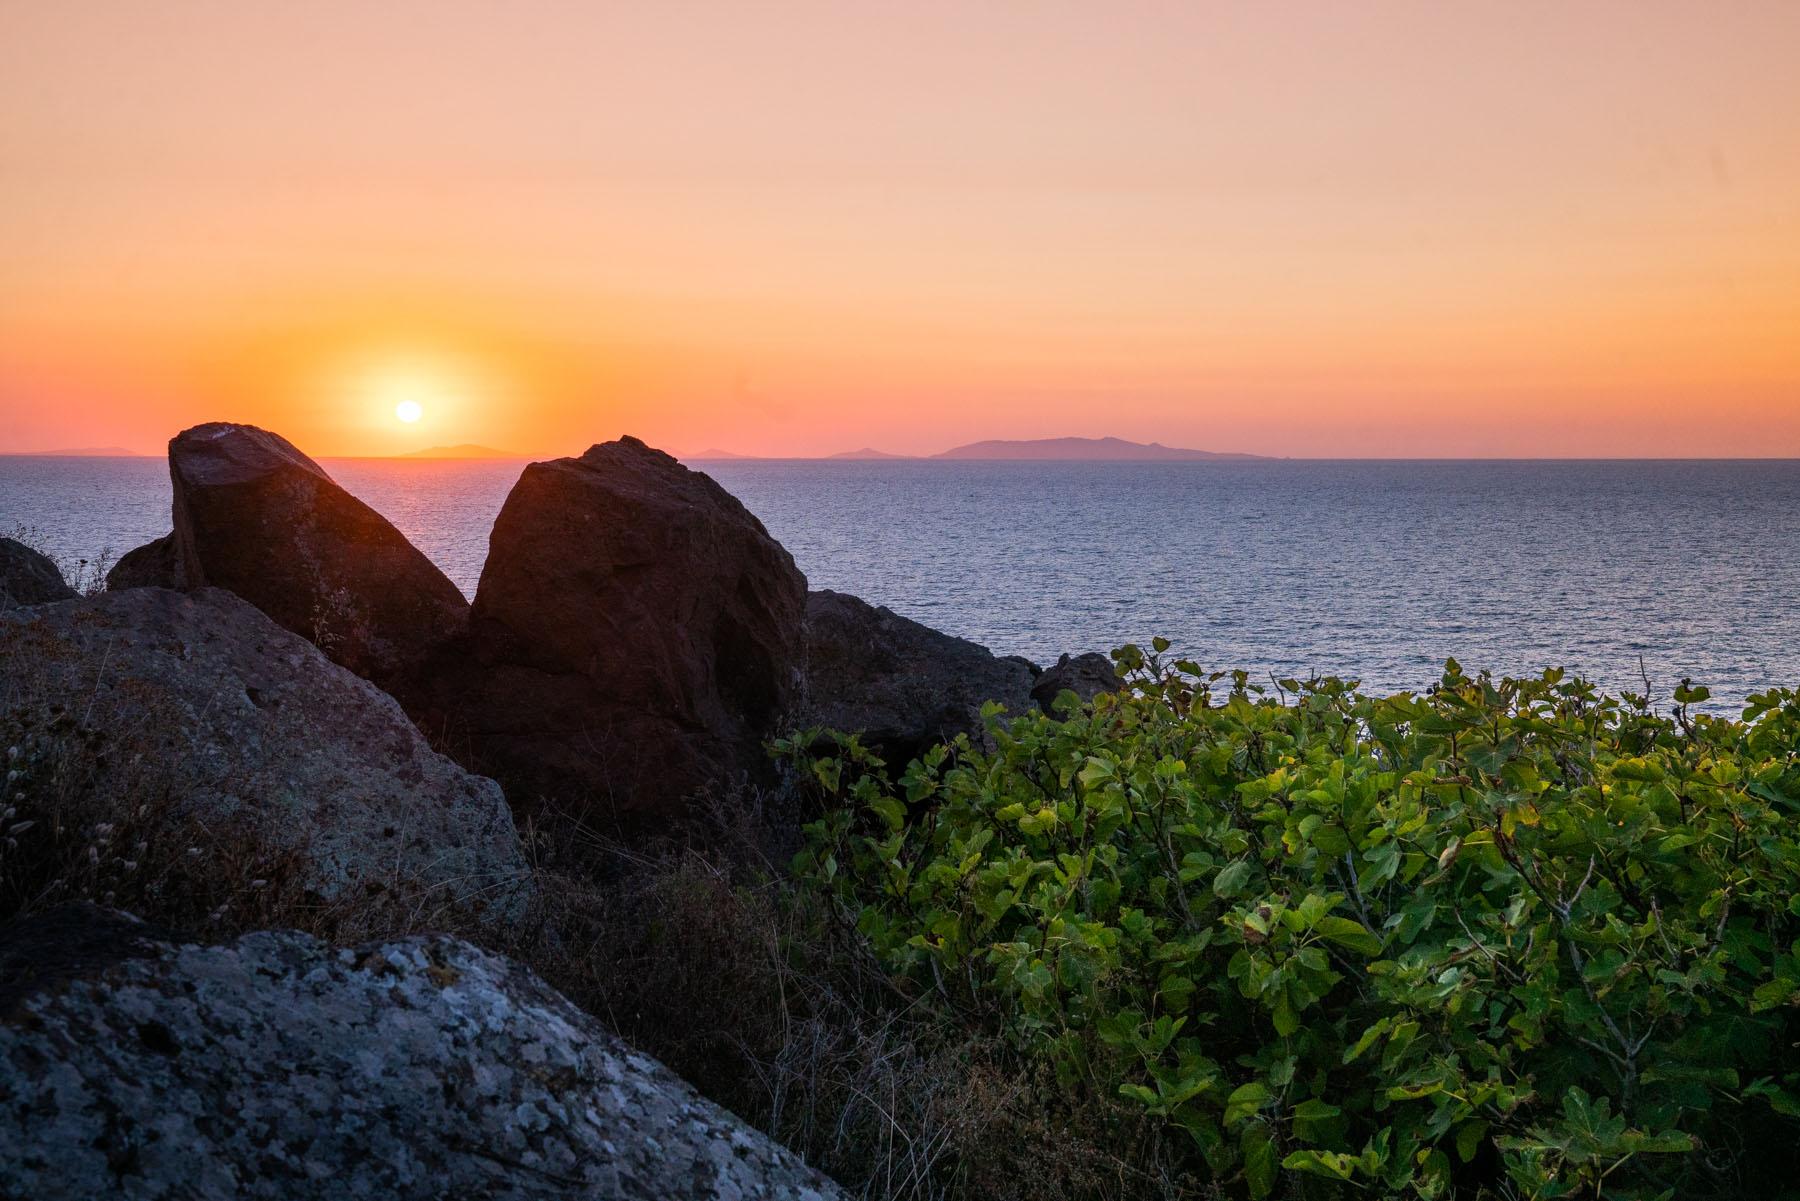 Soda Mediterranean Coast / Selvatiq